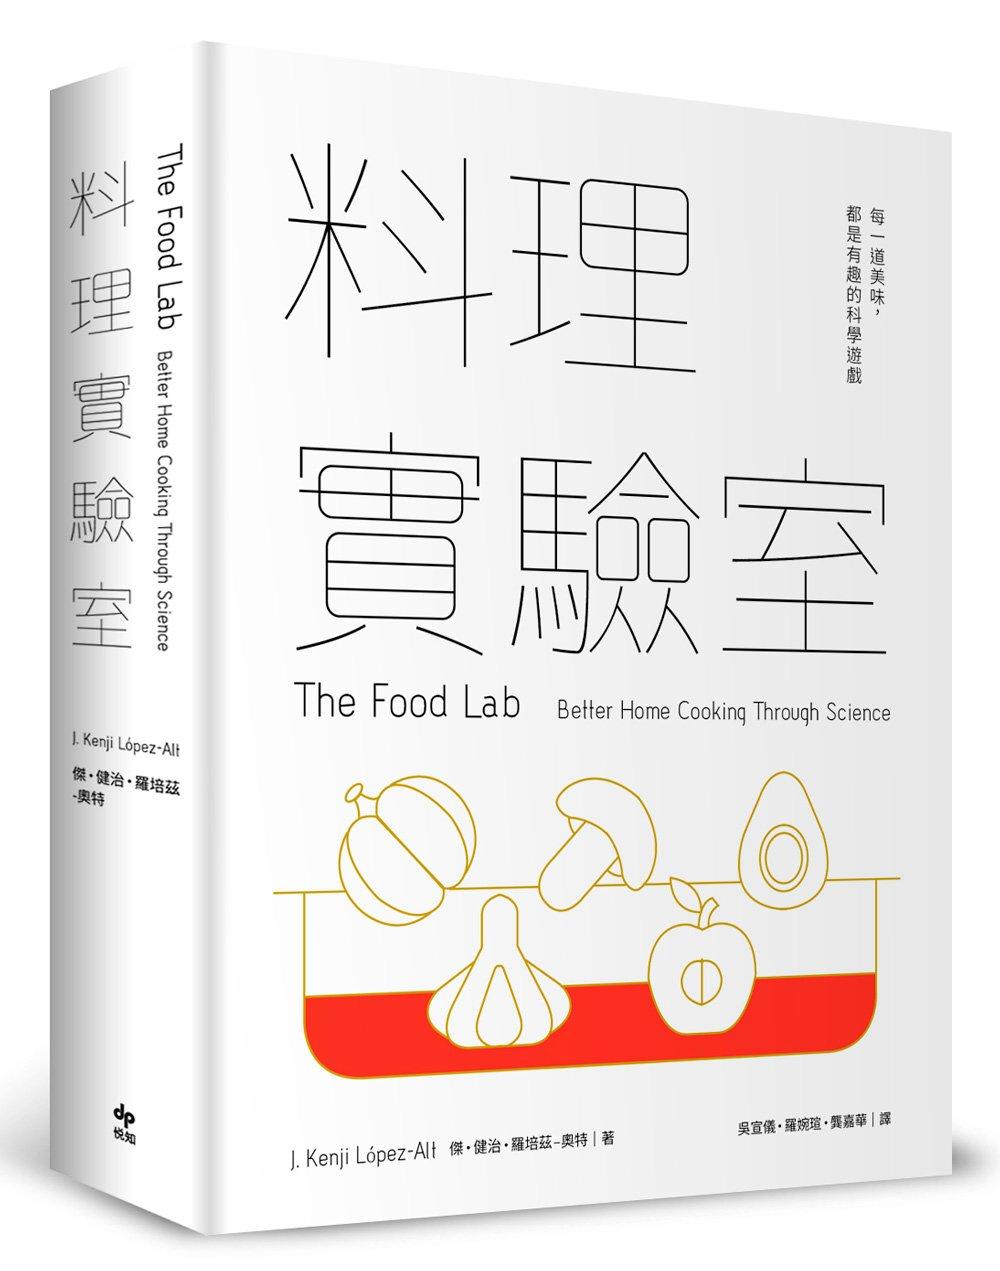 料理實驗室:每一道美味,都是有趣的科學遊戲【首版限量精裝】